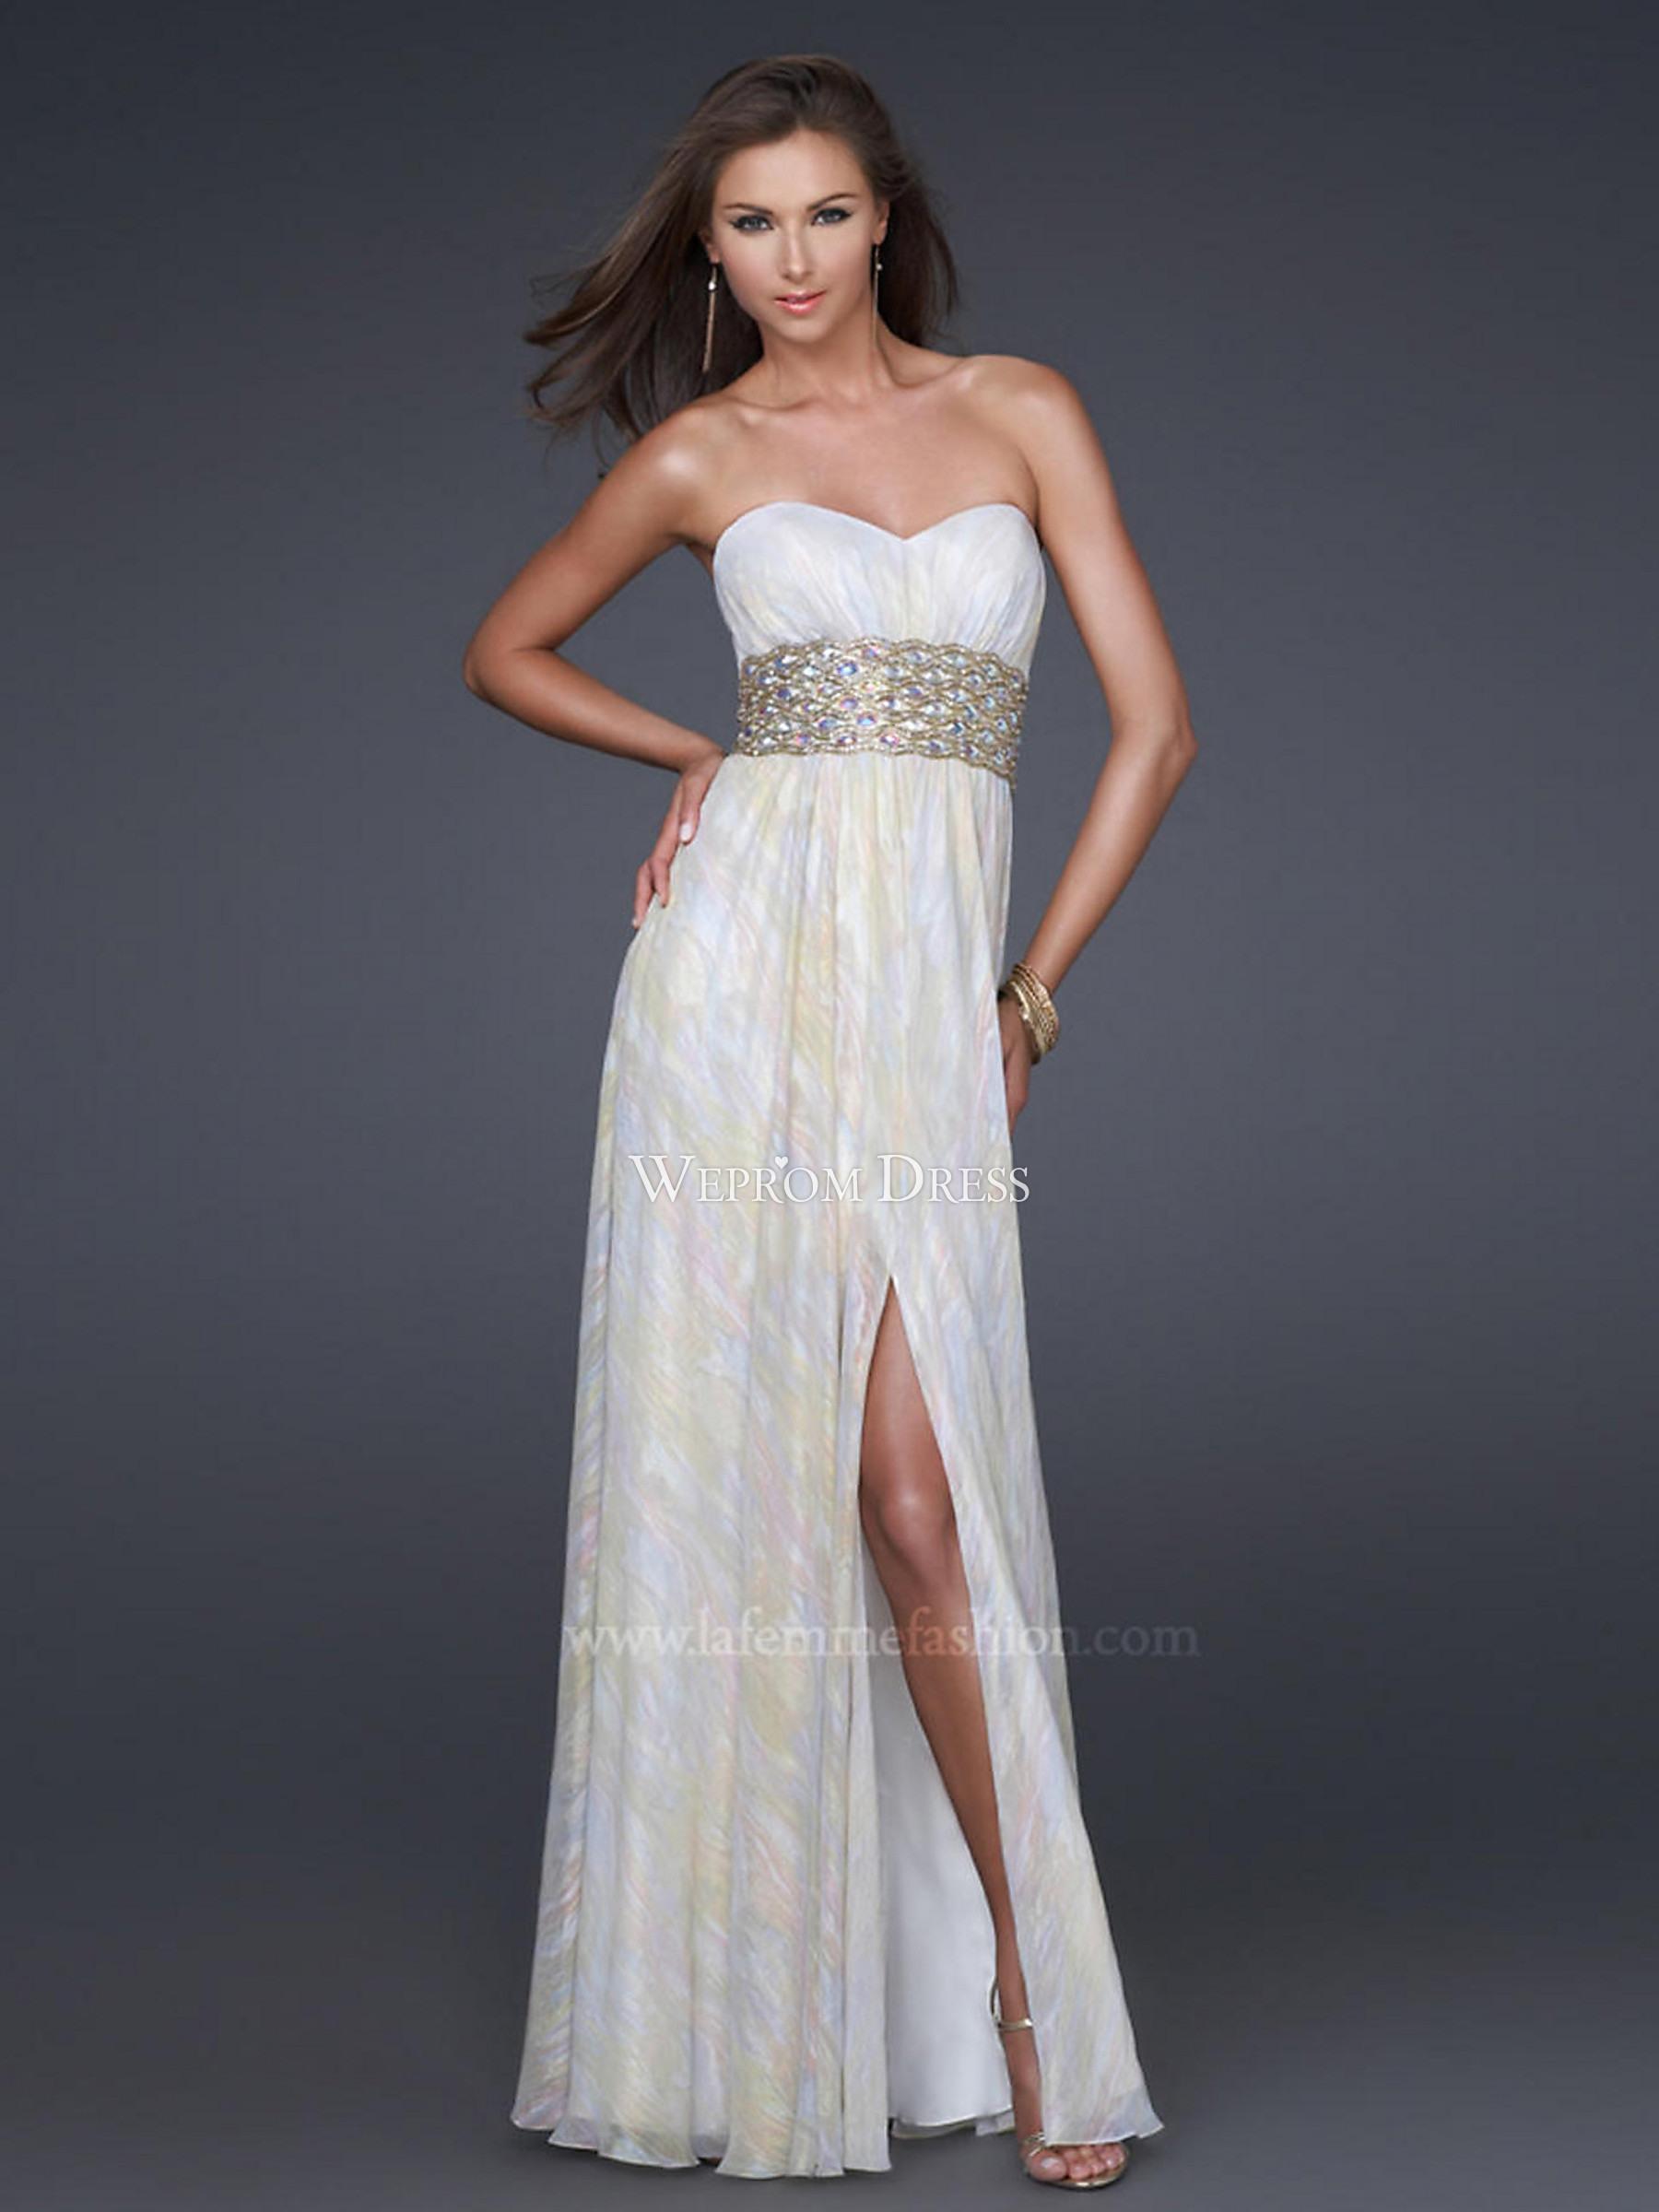 15 Top Abendkleider In Weiß Design15 Großartig Abendkleider In Weiß Boutique